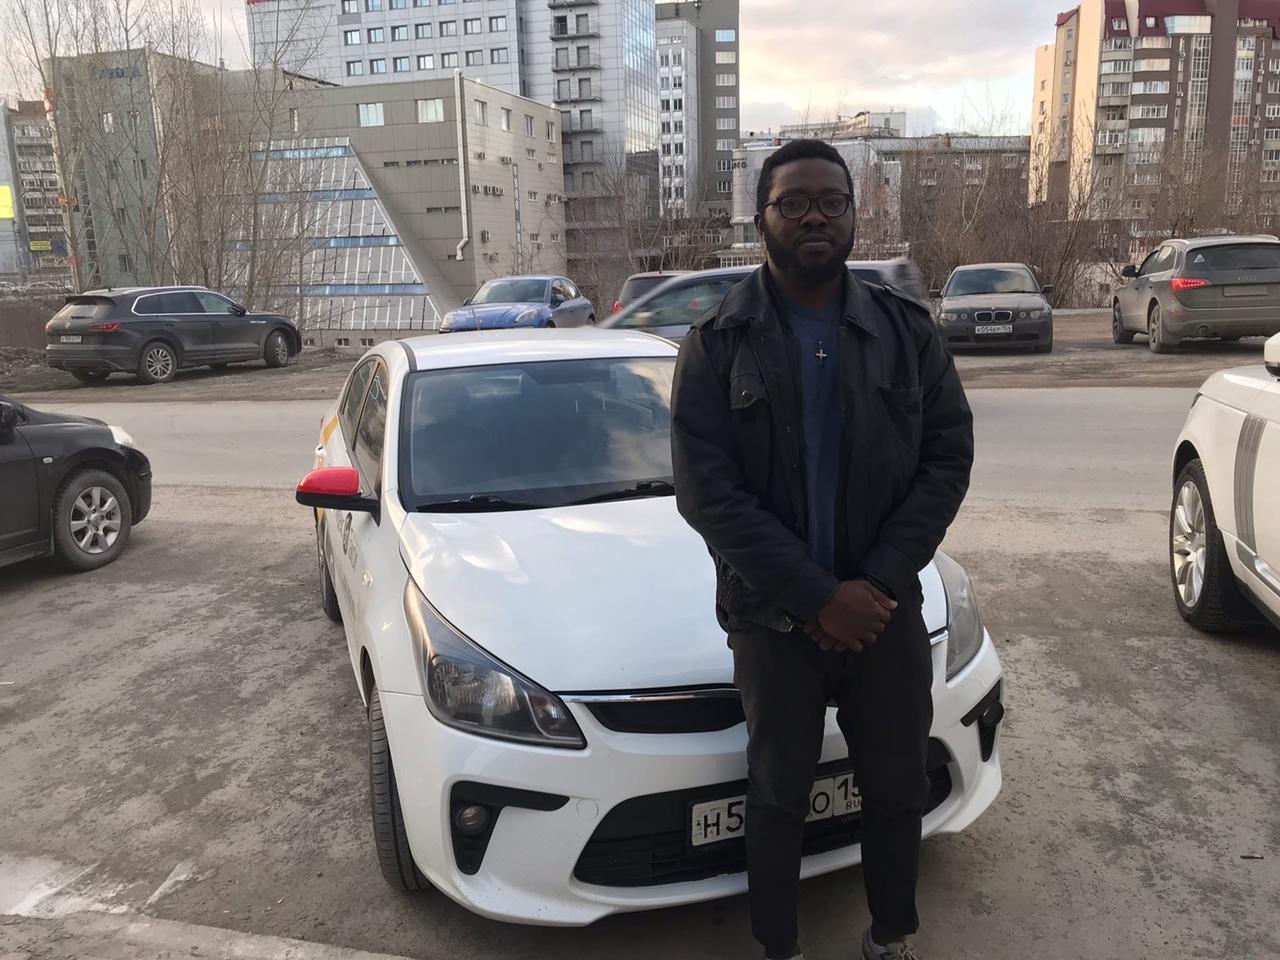 фото «Дома у меня был личный водитель»: почему состоятельный молодой нигериец приехал в Новосибирск и работает здесь таксистом 6